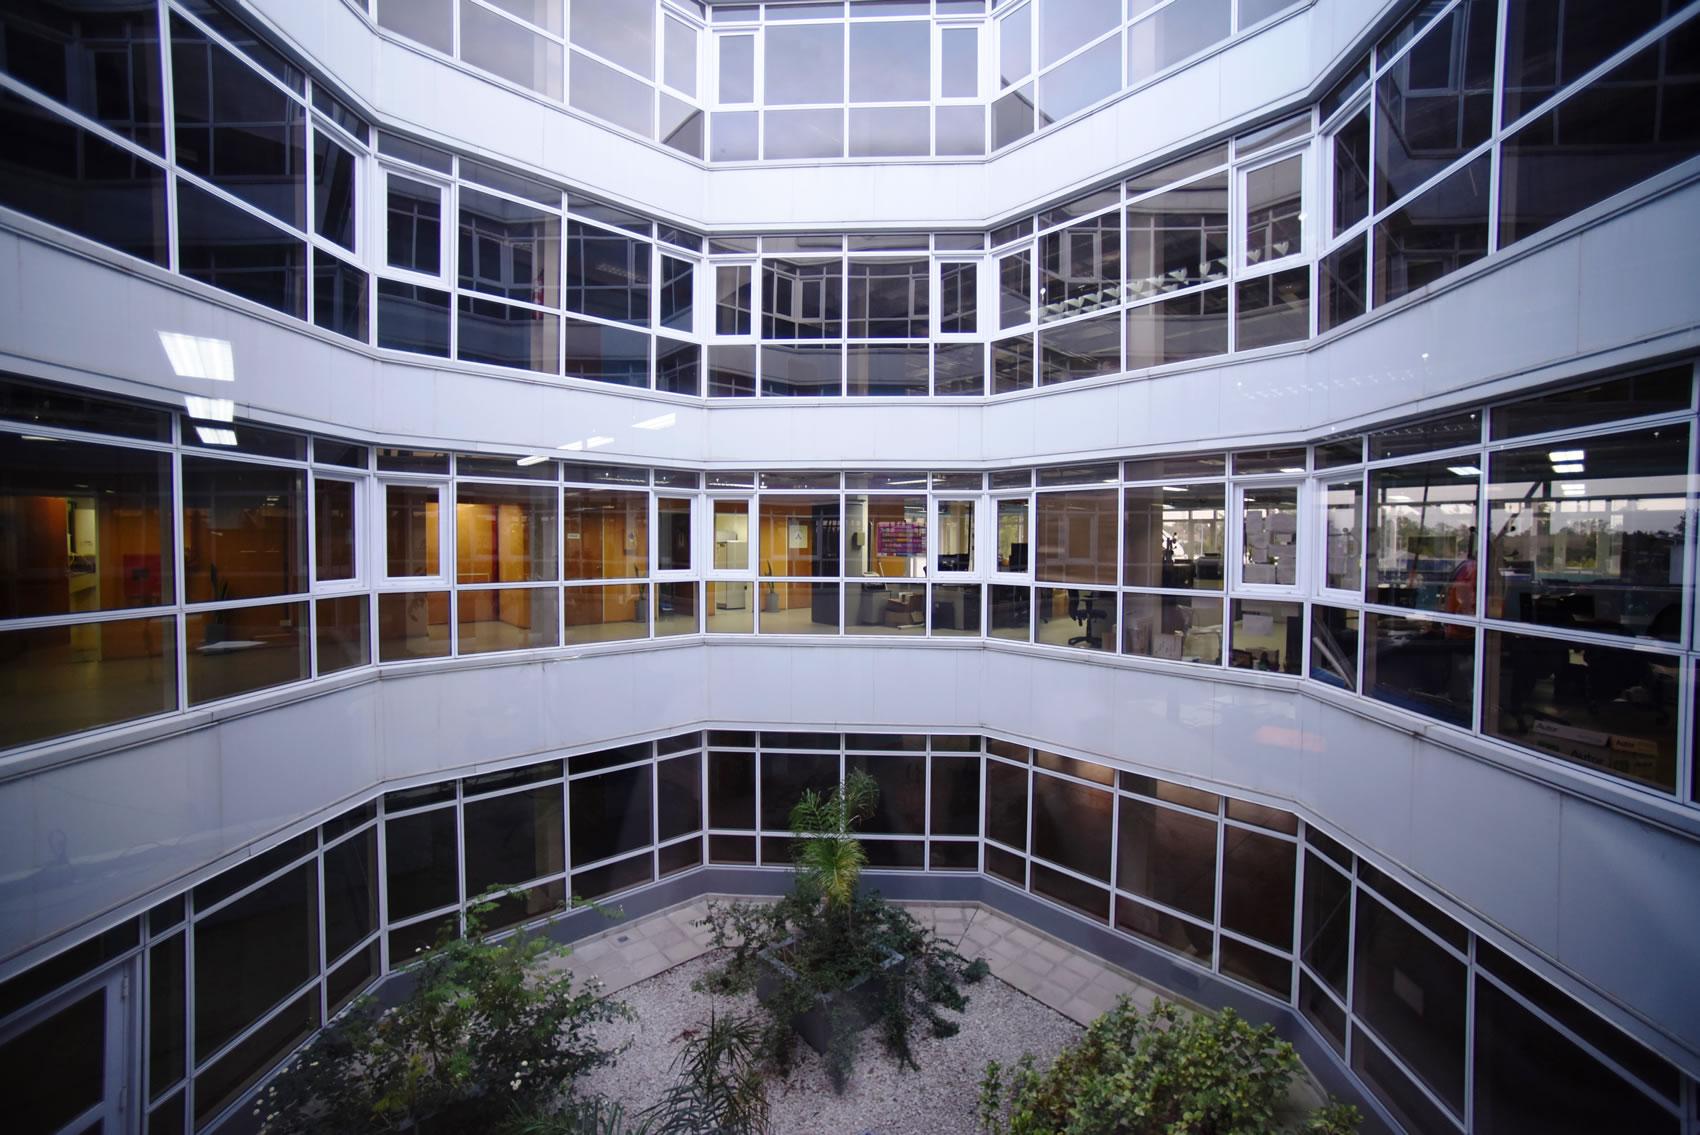 Desde el patio interno circular, del edificio administrativo 1 de la Estación Terrena de Benavídez, se ven las ventanas de las oficinas.